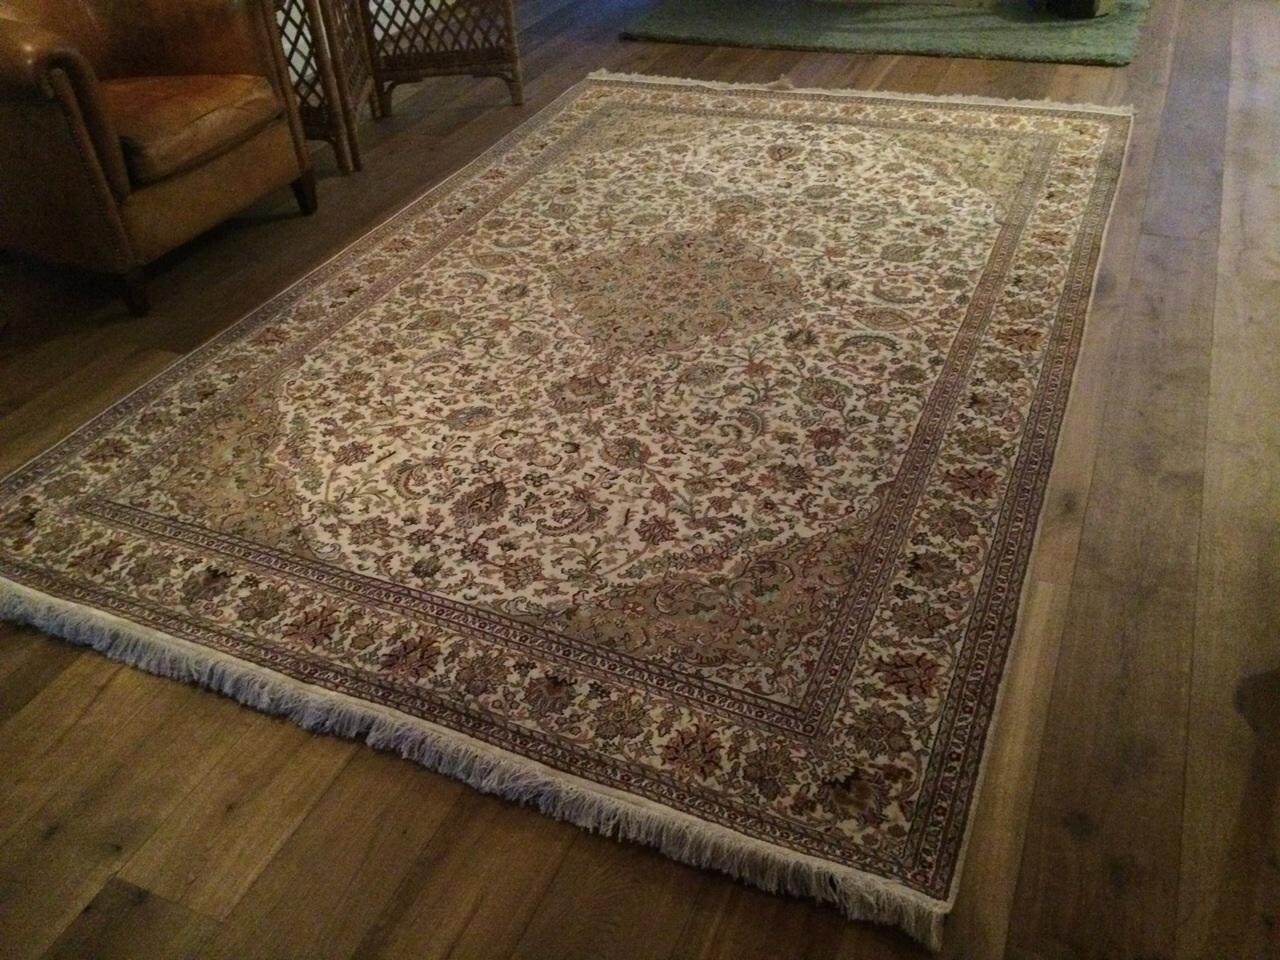 Perzisch Tapijt Kopen : Perzische tapijten berberhuis perzische vloerkleed